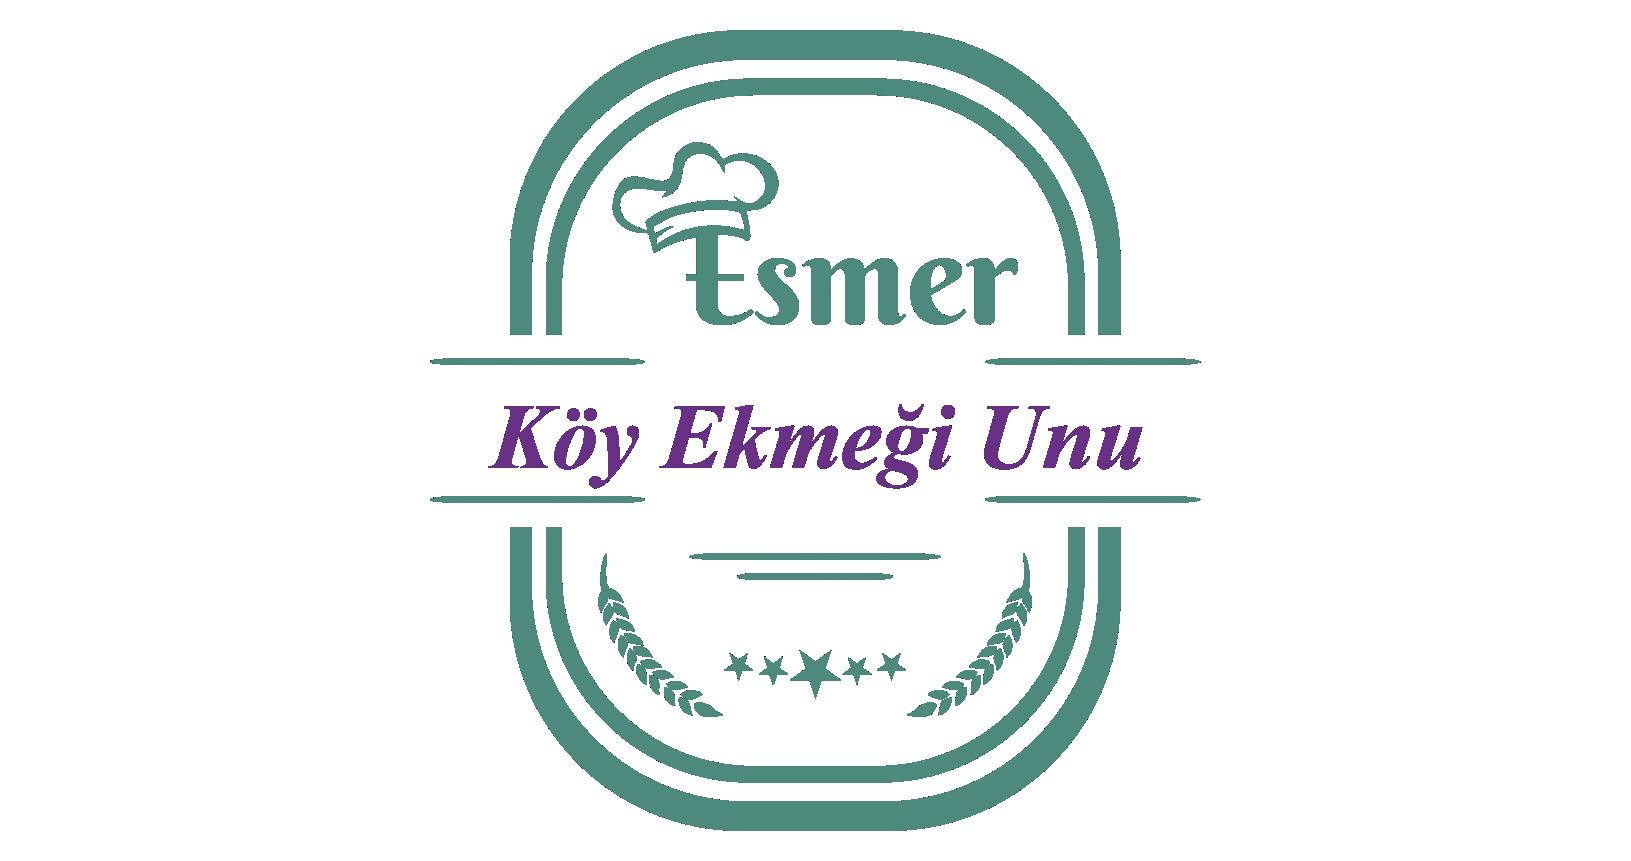 kaptanlar-koy-ekmeklik-firin-esmer-koy-ekmegi-un-logo